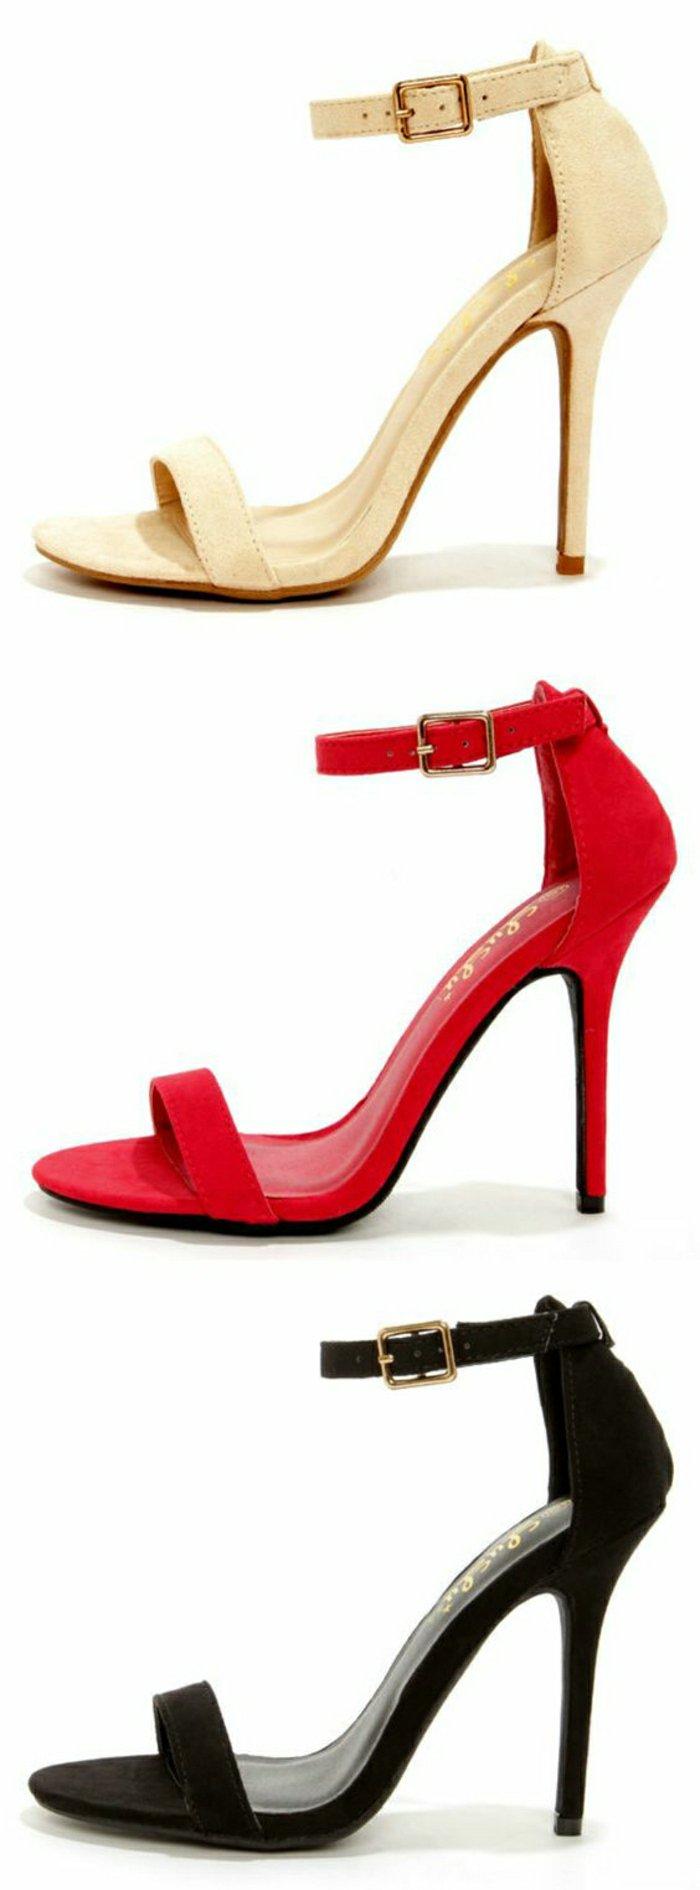 stilvolle-Sandalen-mit-Absatz-in-drei-Farben